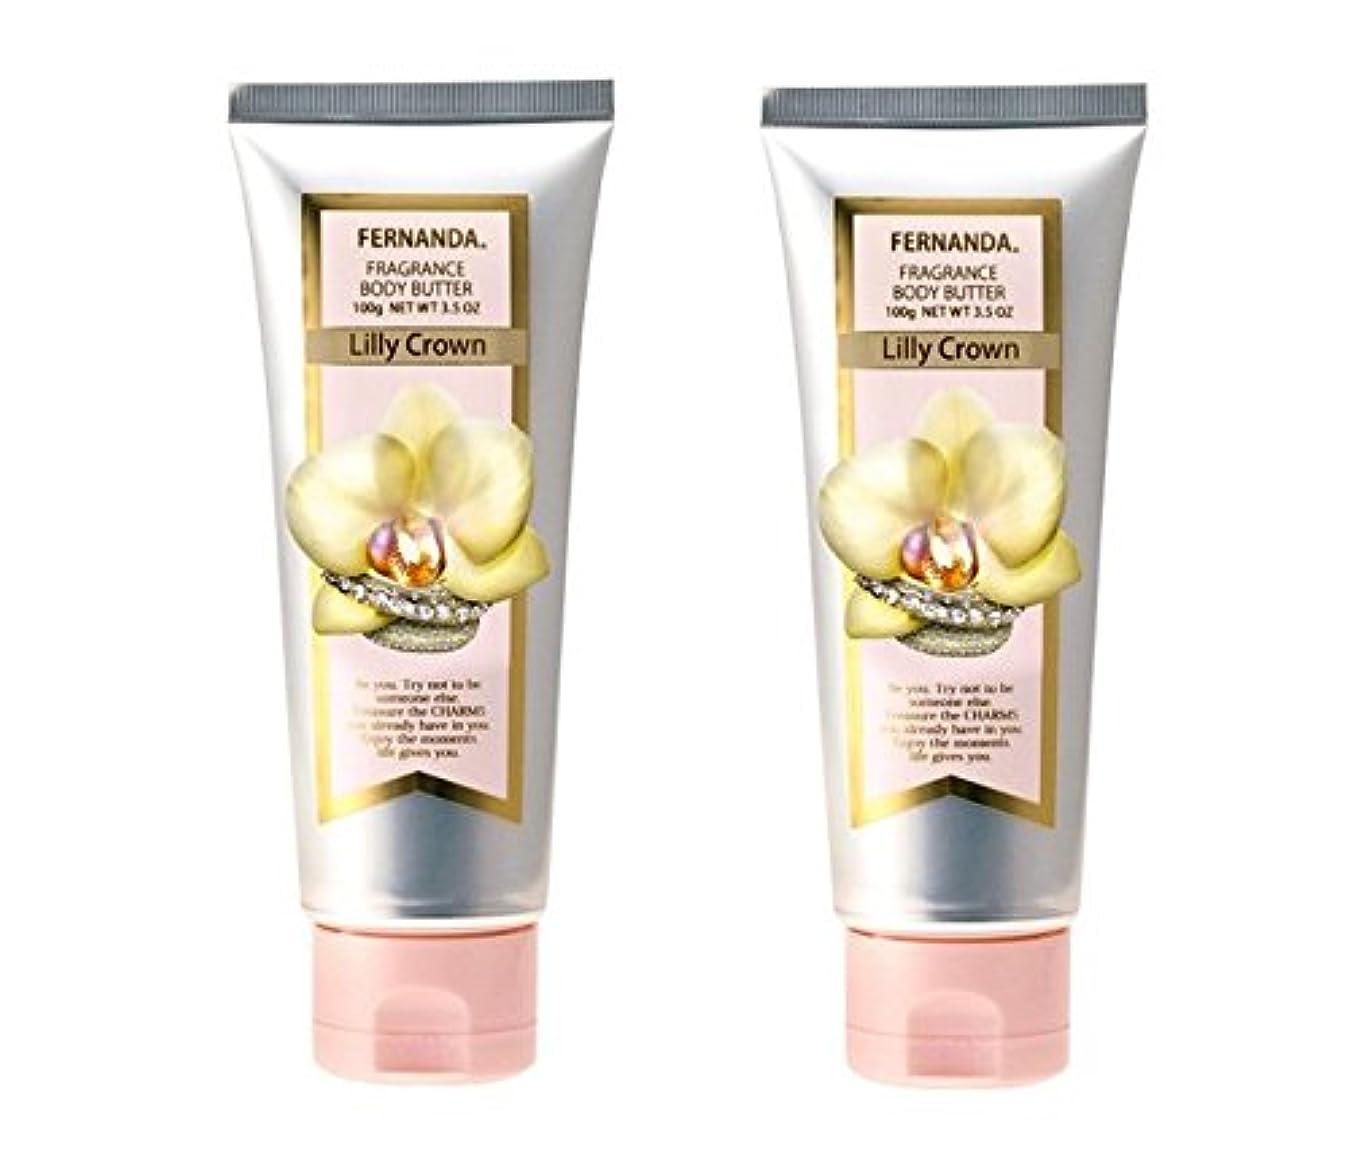 本会議変な汗FERNANDA(フェルナンダ) Body Butter Lilly Crown (ボディ バター リリークラウン)×2個セット